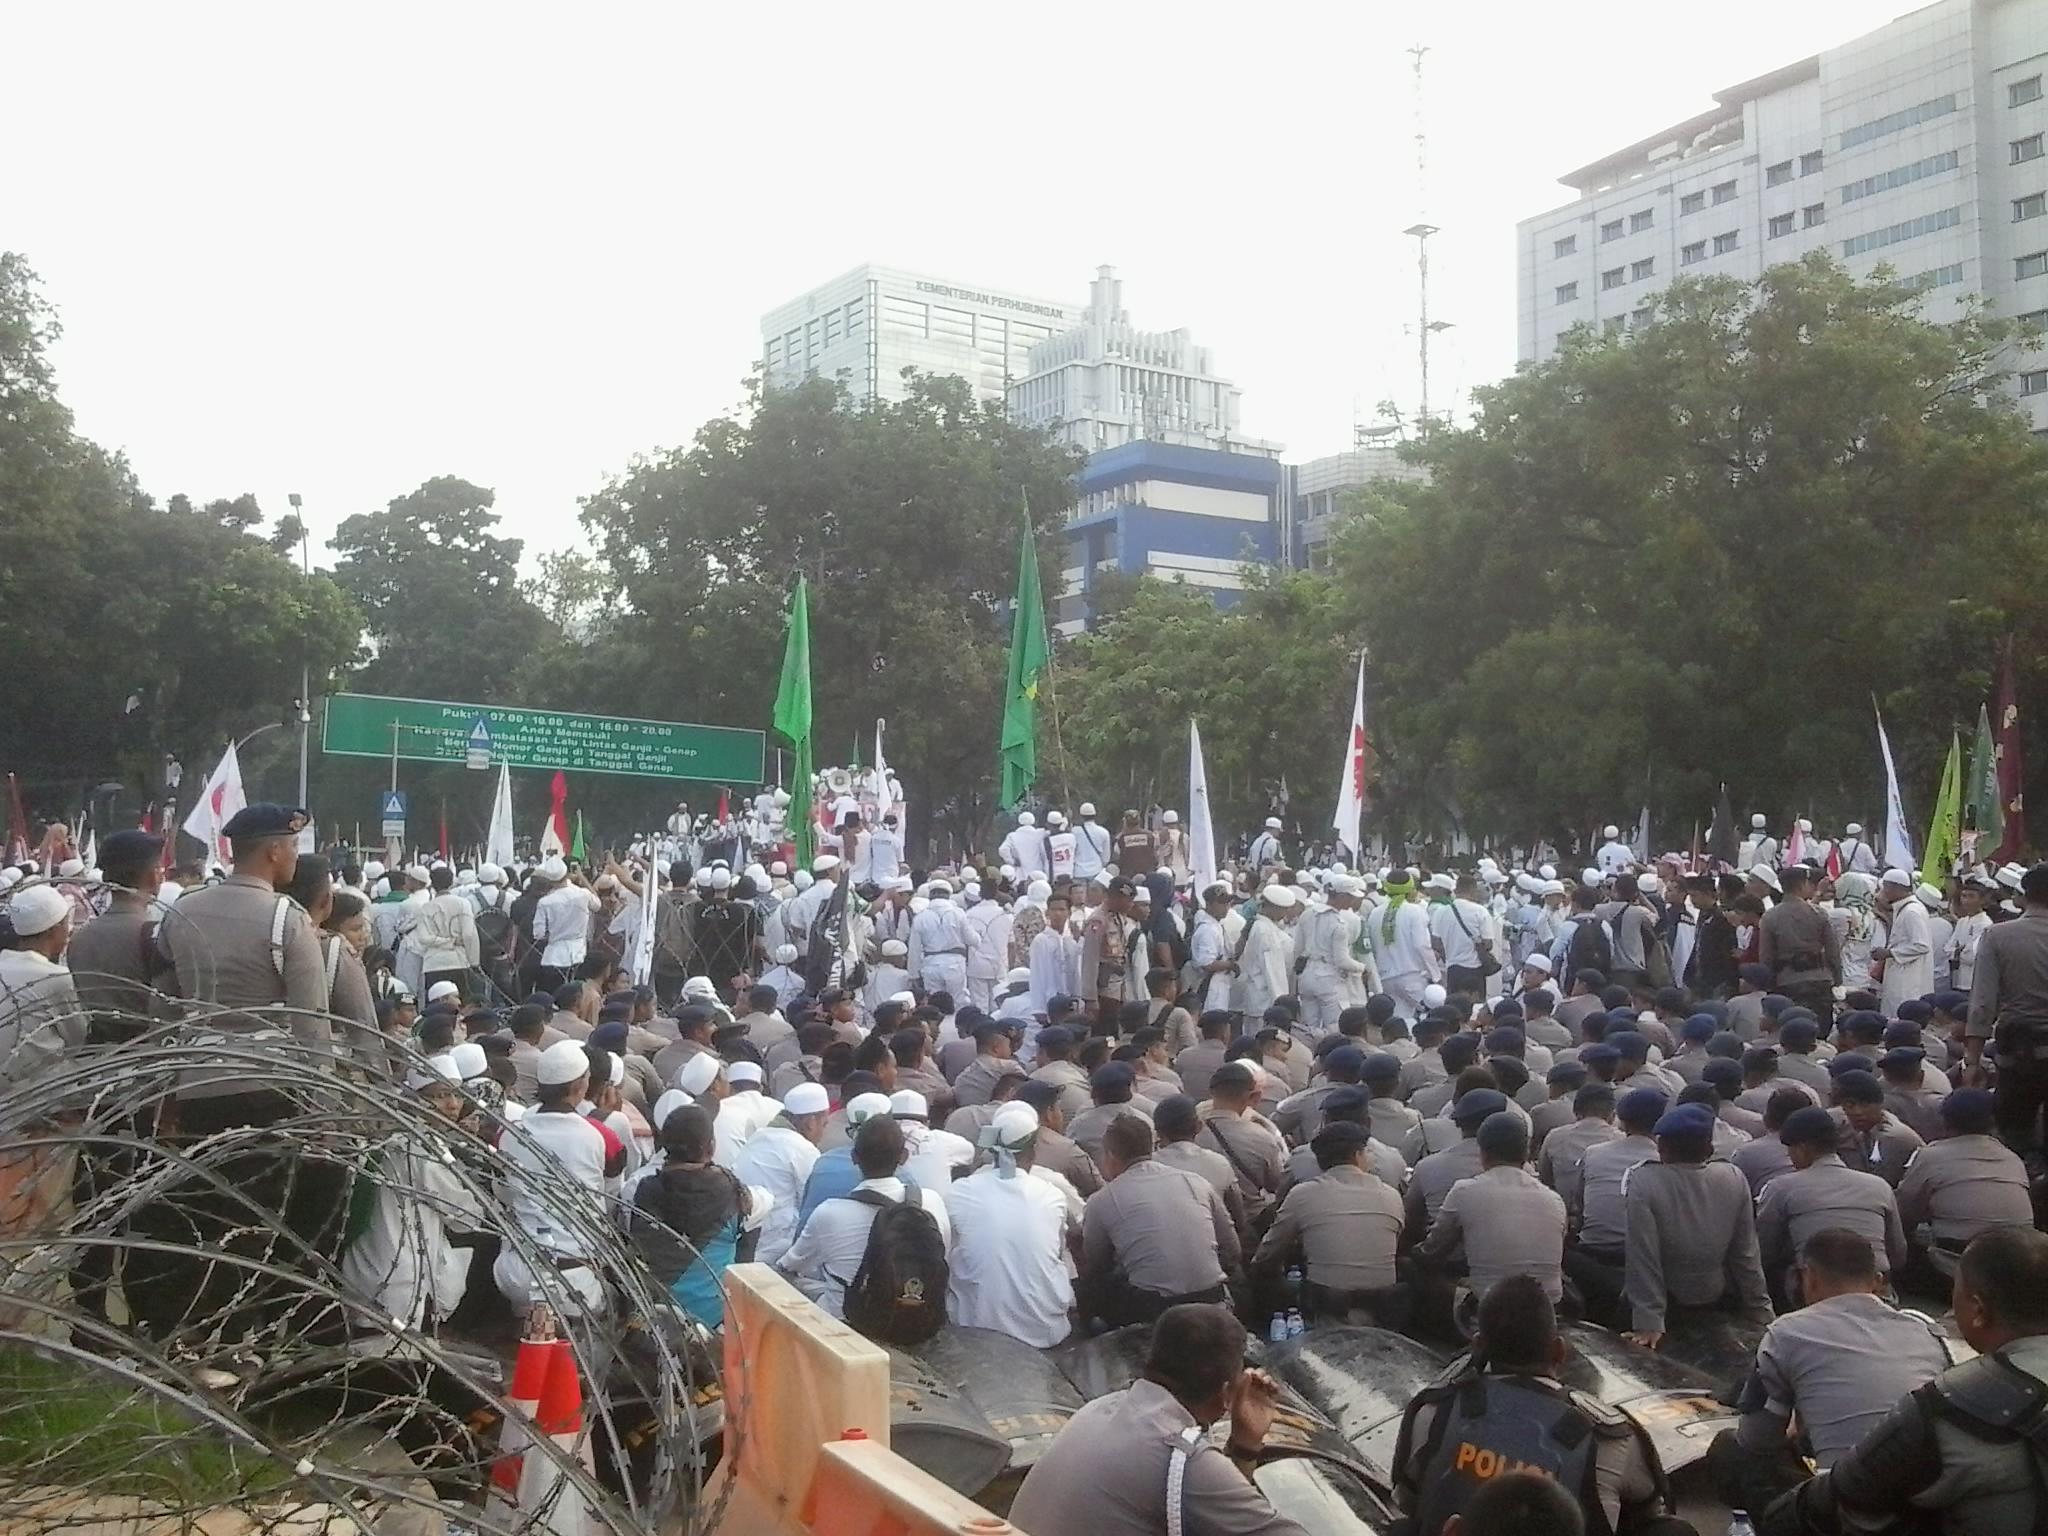 aksi-damai-umat-islam-tuntut-keadilan-hukum-2016-11-04-16-31-42-1